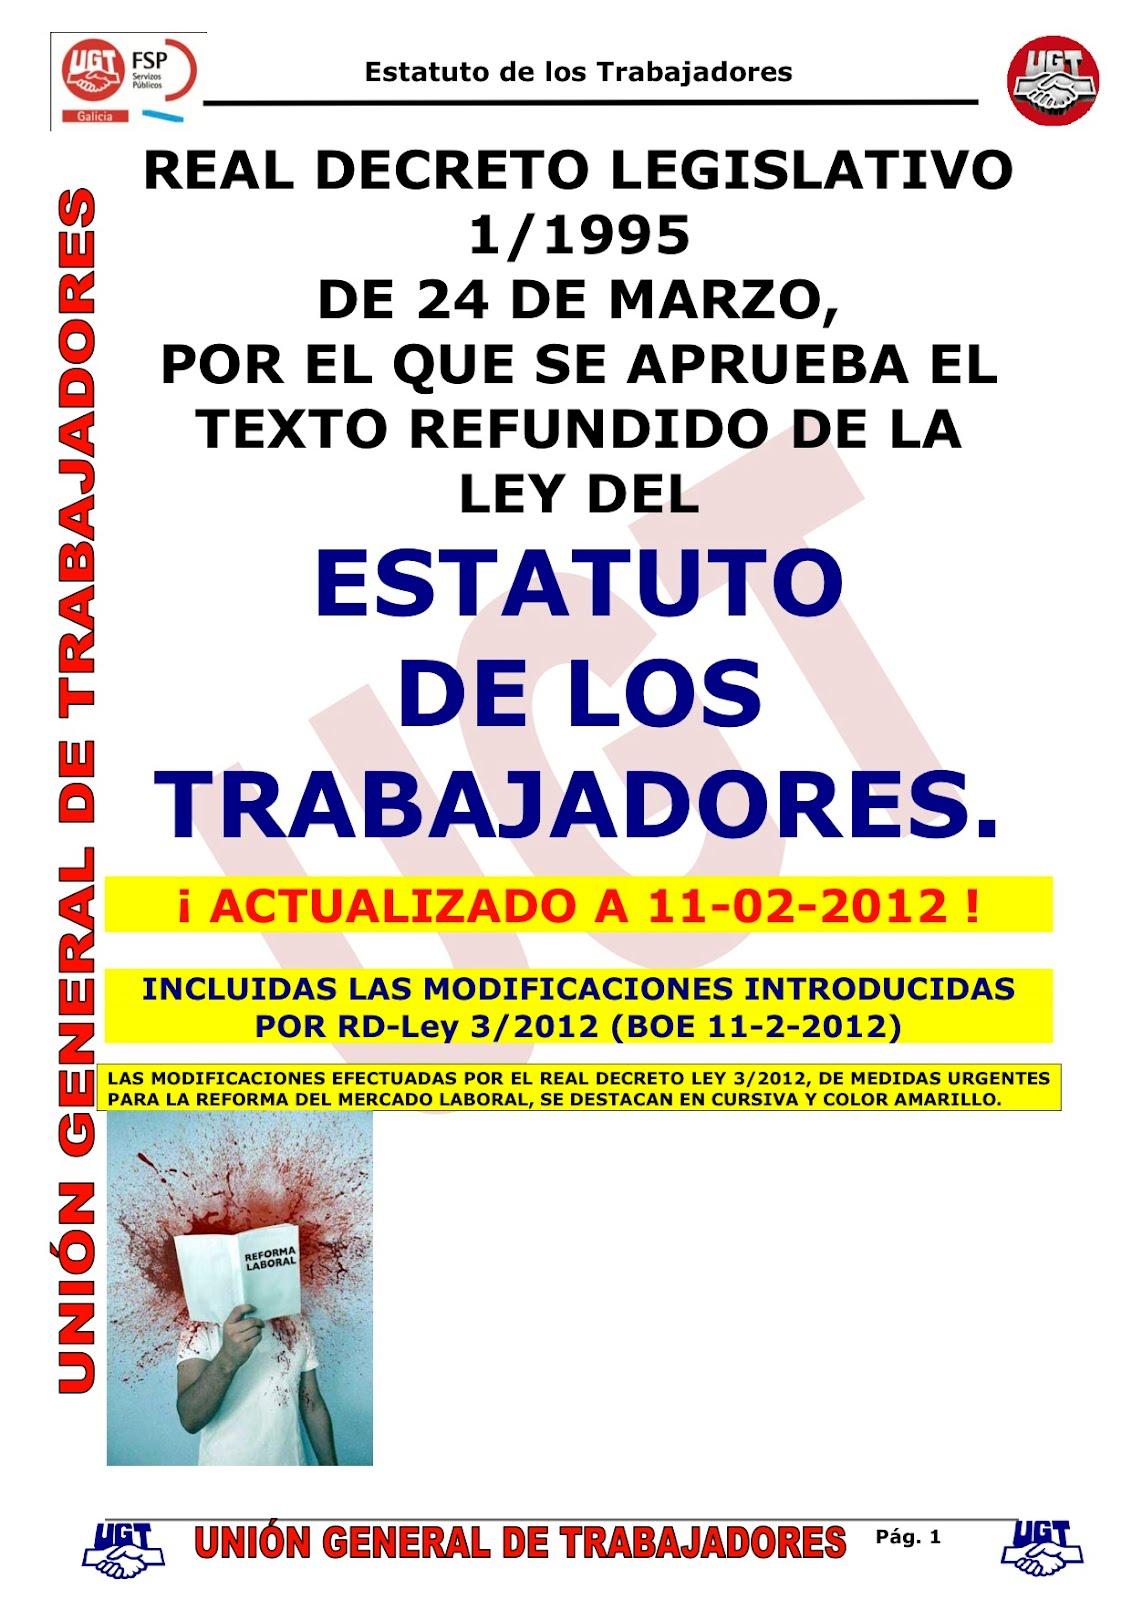 LOOMIS MURCIA: ESTATUTO DE LOS TRABAJADORES ACTUALIZADO 11/02/2012 ...